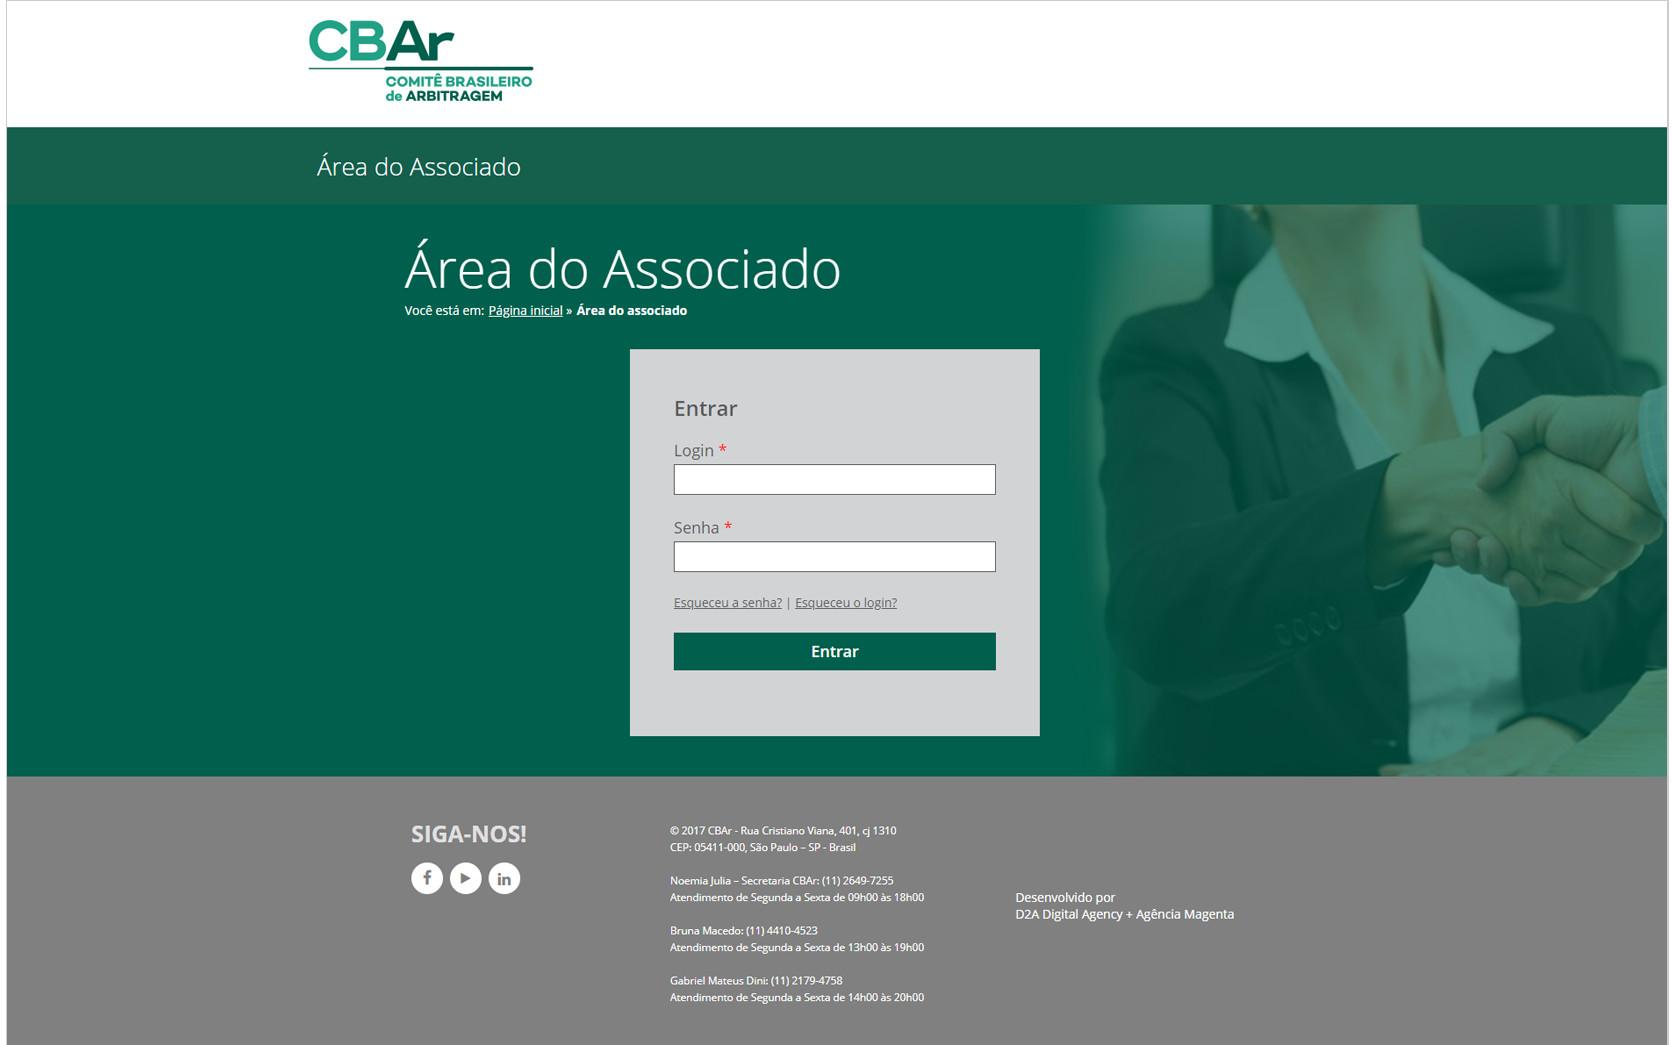 CBAr Área do Associado portal online desenvolvido pela D2A Marketing Digital